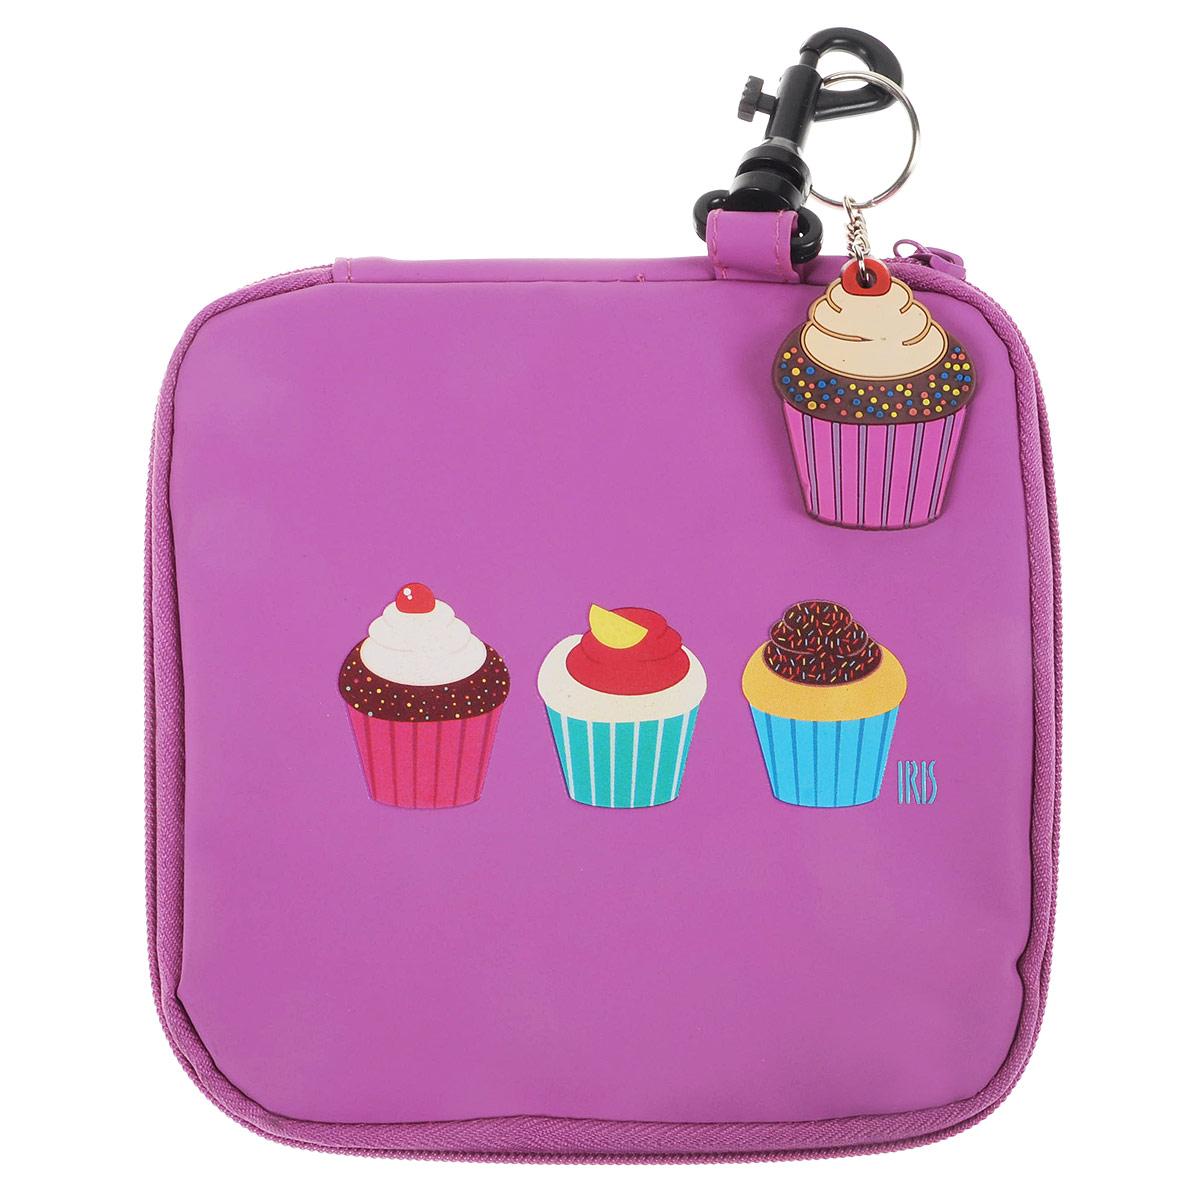 Термобутербродница мягкая Iris Barcelona Snack Rico, цвет: розовый, 16 см х 16 см9916-TCТермобутербродница выполнена из полиэстера и застегивается на застежку-молнию. Термобутербродница Iris Barcelona Snack Rico - это самый веселый способ взять с собой бутерброды. Специальный фиксирующий поясок не позволит бутерброду распасться, а внутреннее покрытие из теплоизолирующего материала в течение нескольких часов сохранит свежесть и вкус. Безопасный пластмассовый карабин позволит легко пристегнуть бутербродницу к ранцу или сумке.В комплект входит подарок - забавный брелок для ключей из коллекции Snack Rico. Заменяет все одноразовые упаковки. При бережном использовании прослужит не один год.